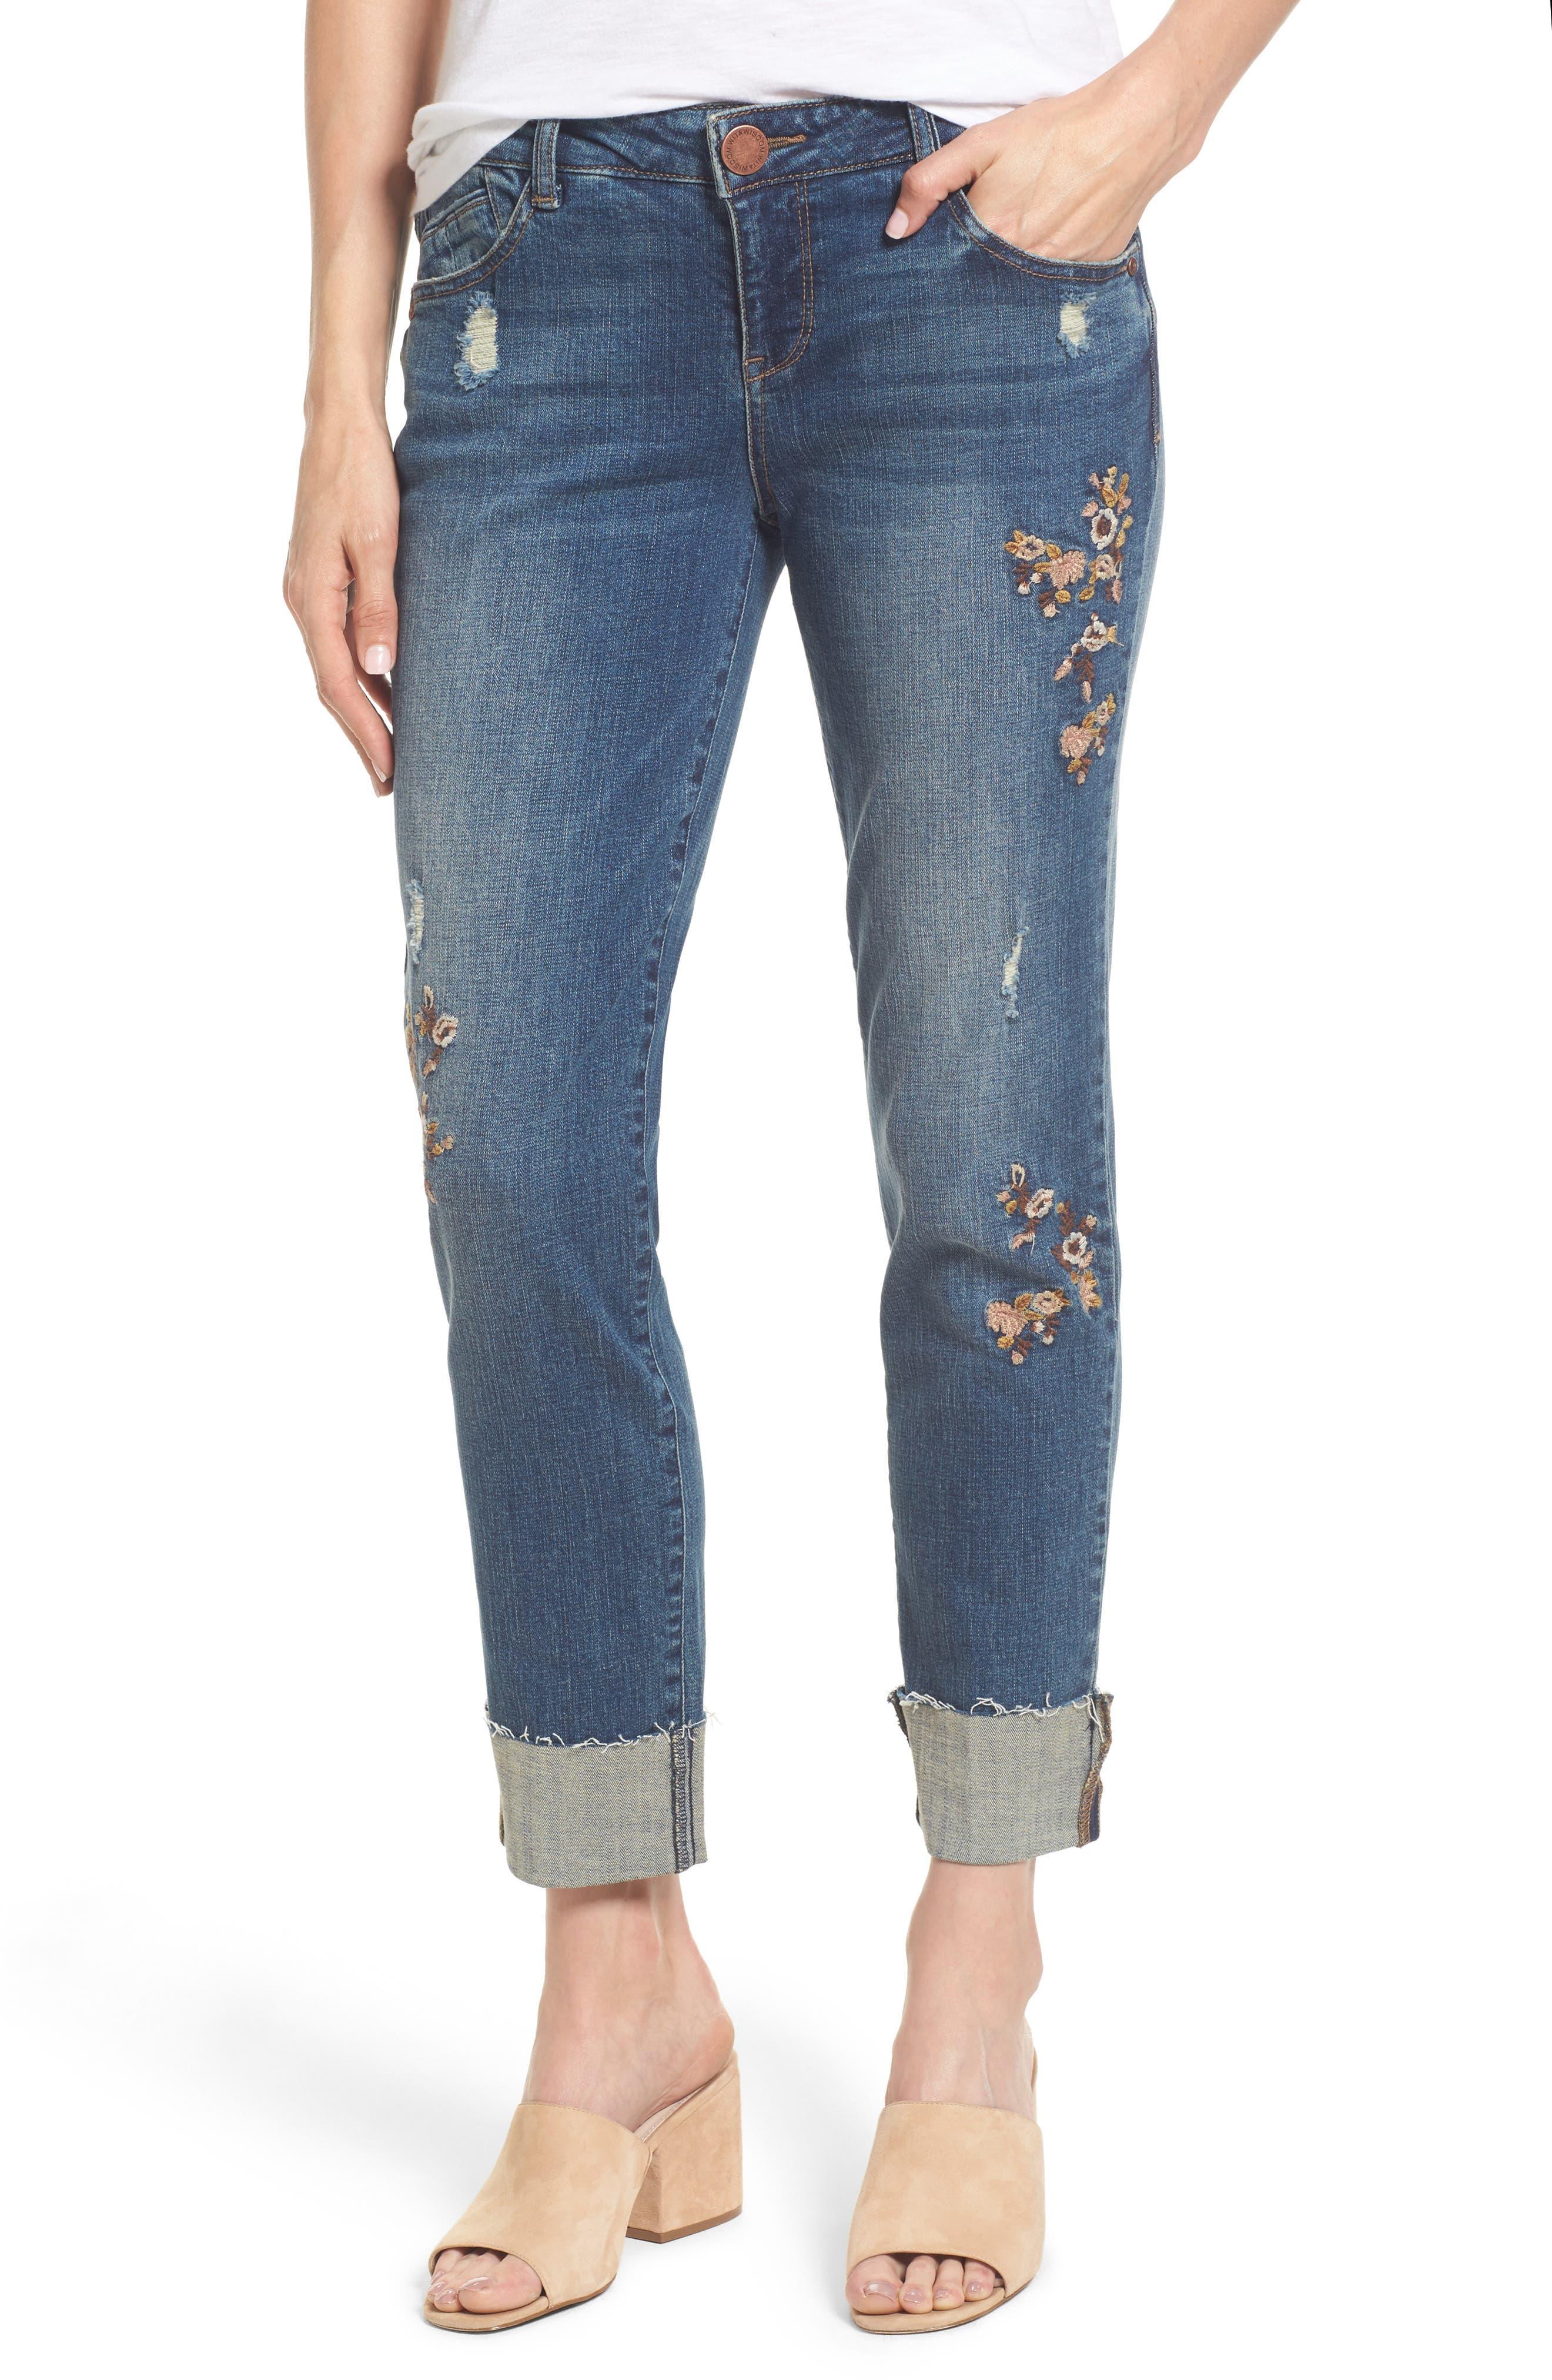 Wit & Wisdom Flex-ellent Embroidered Boyfriend Jeans (Nordstrom Exclusive)